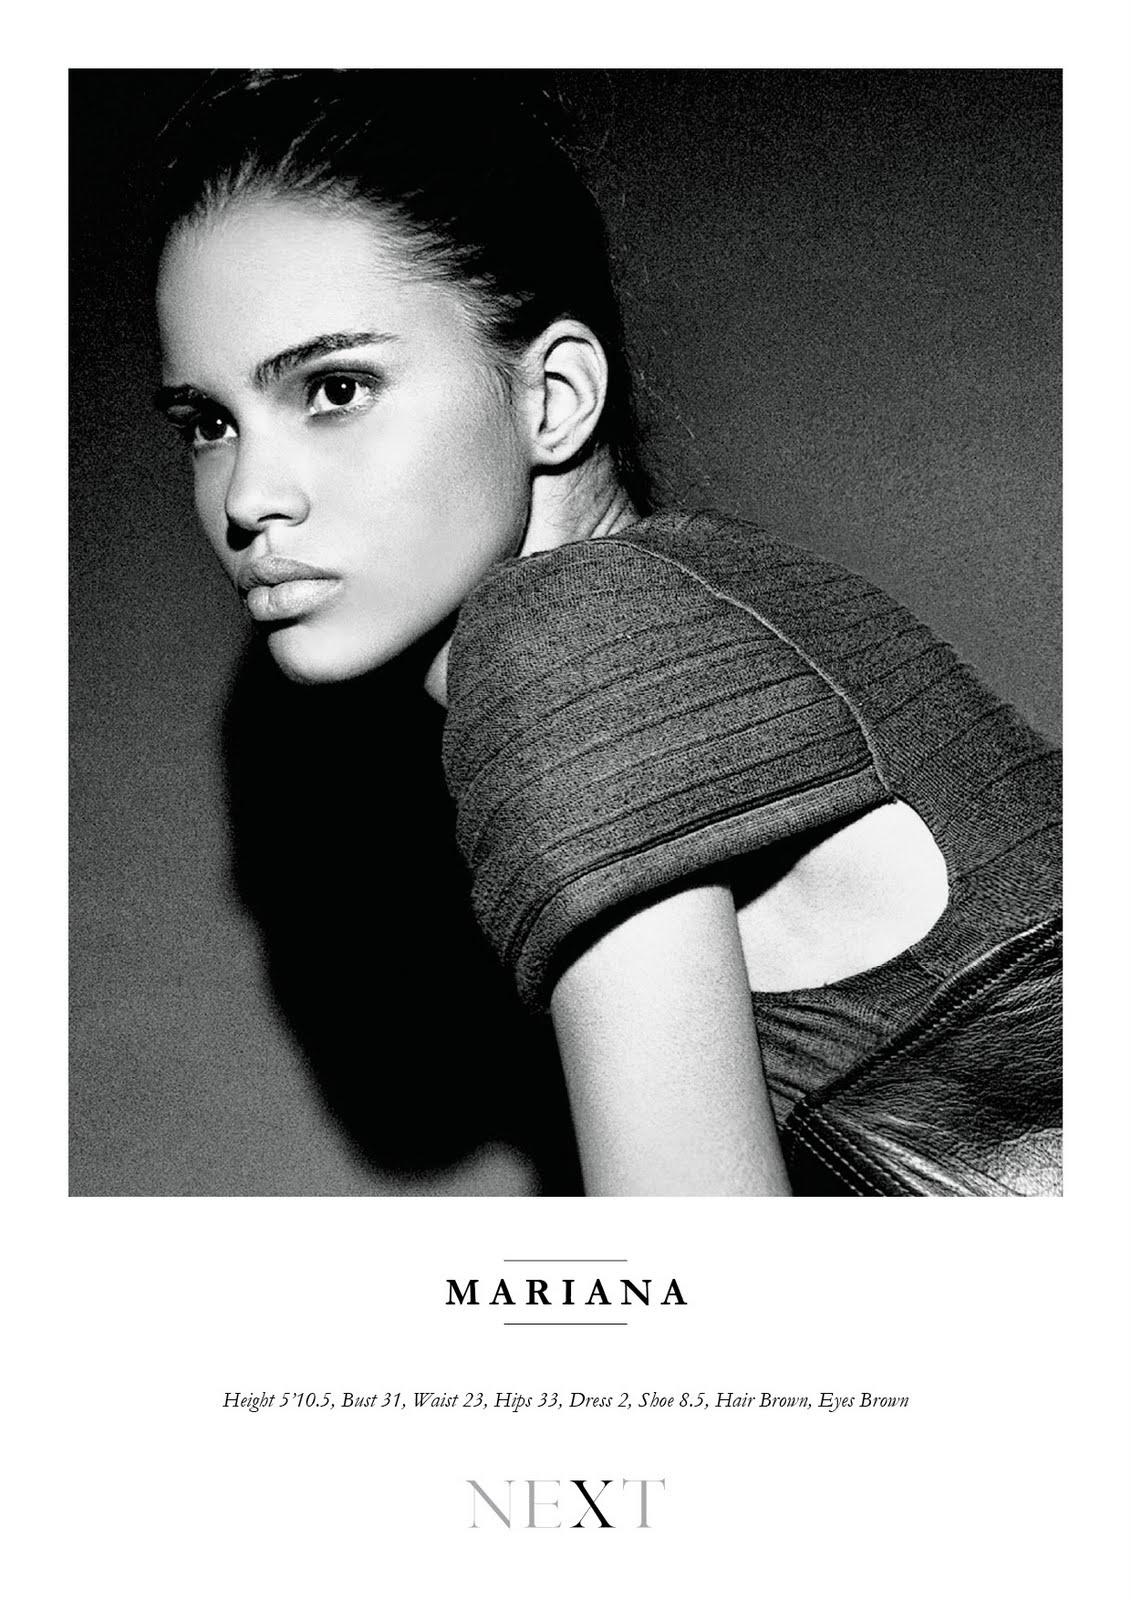 mariana santana 13